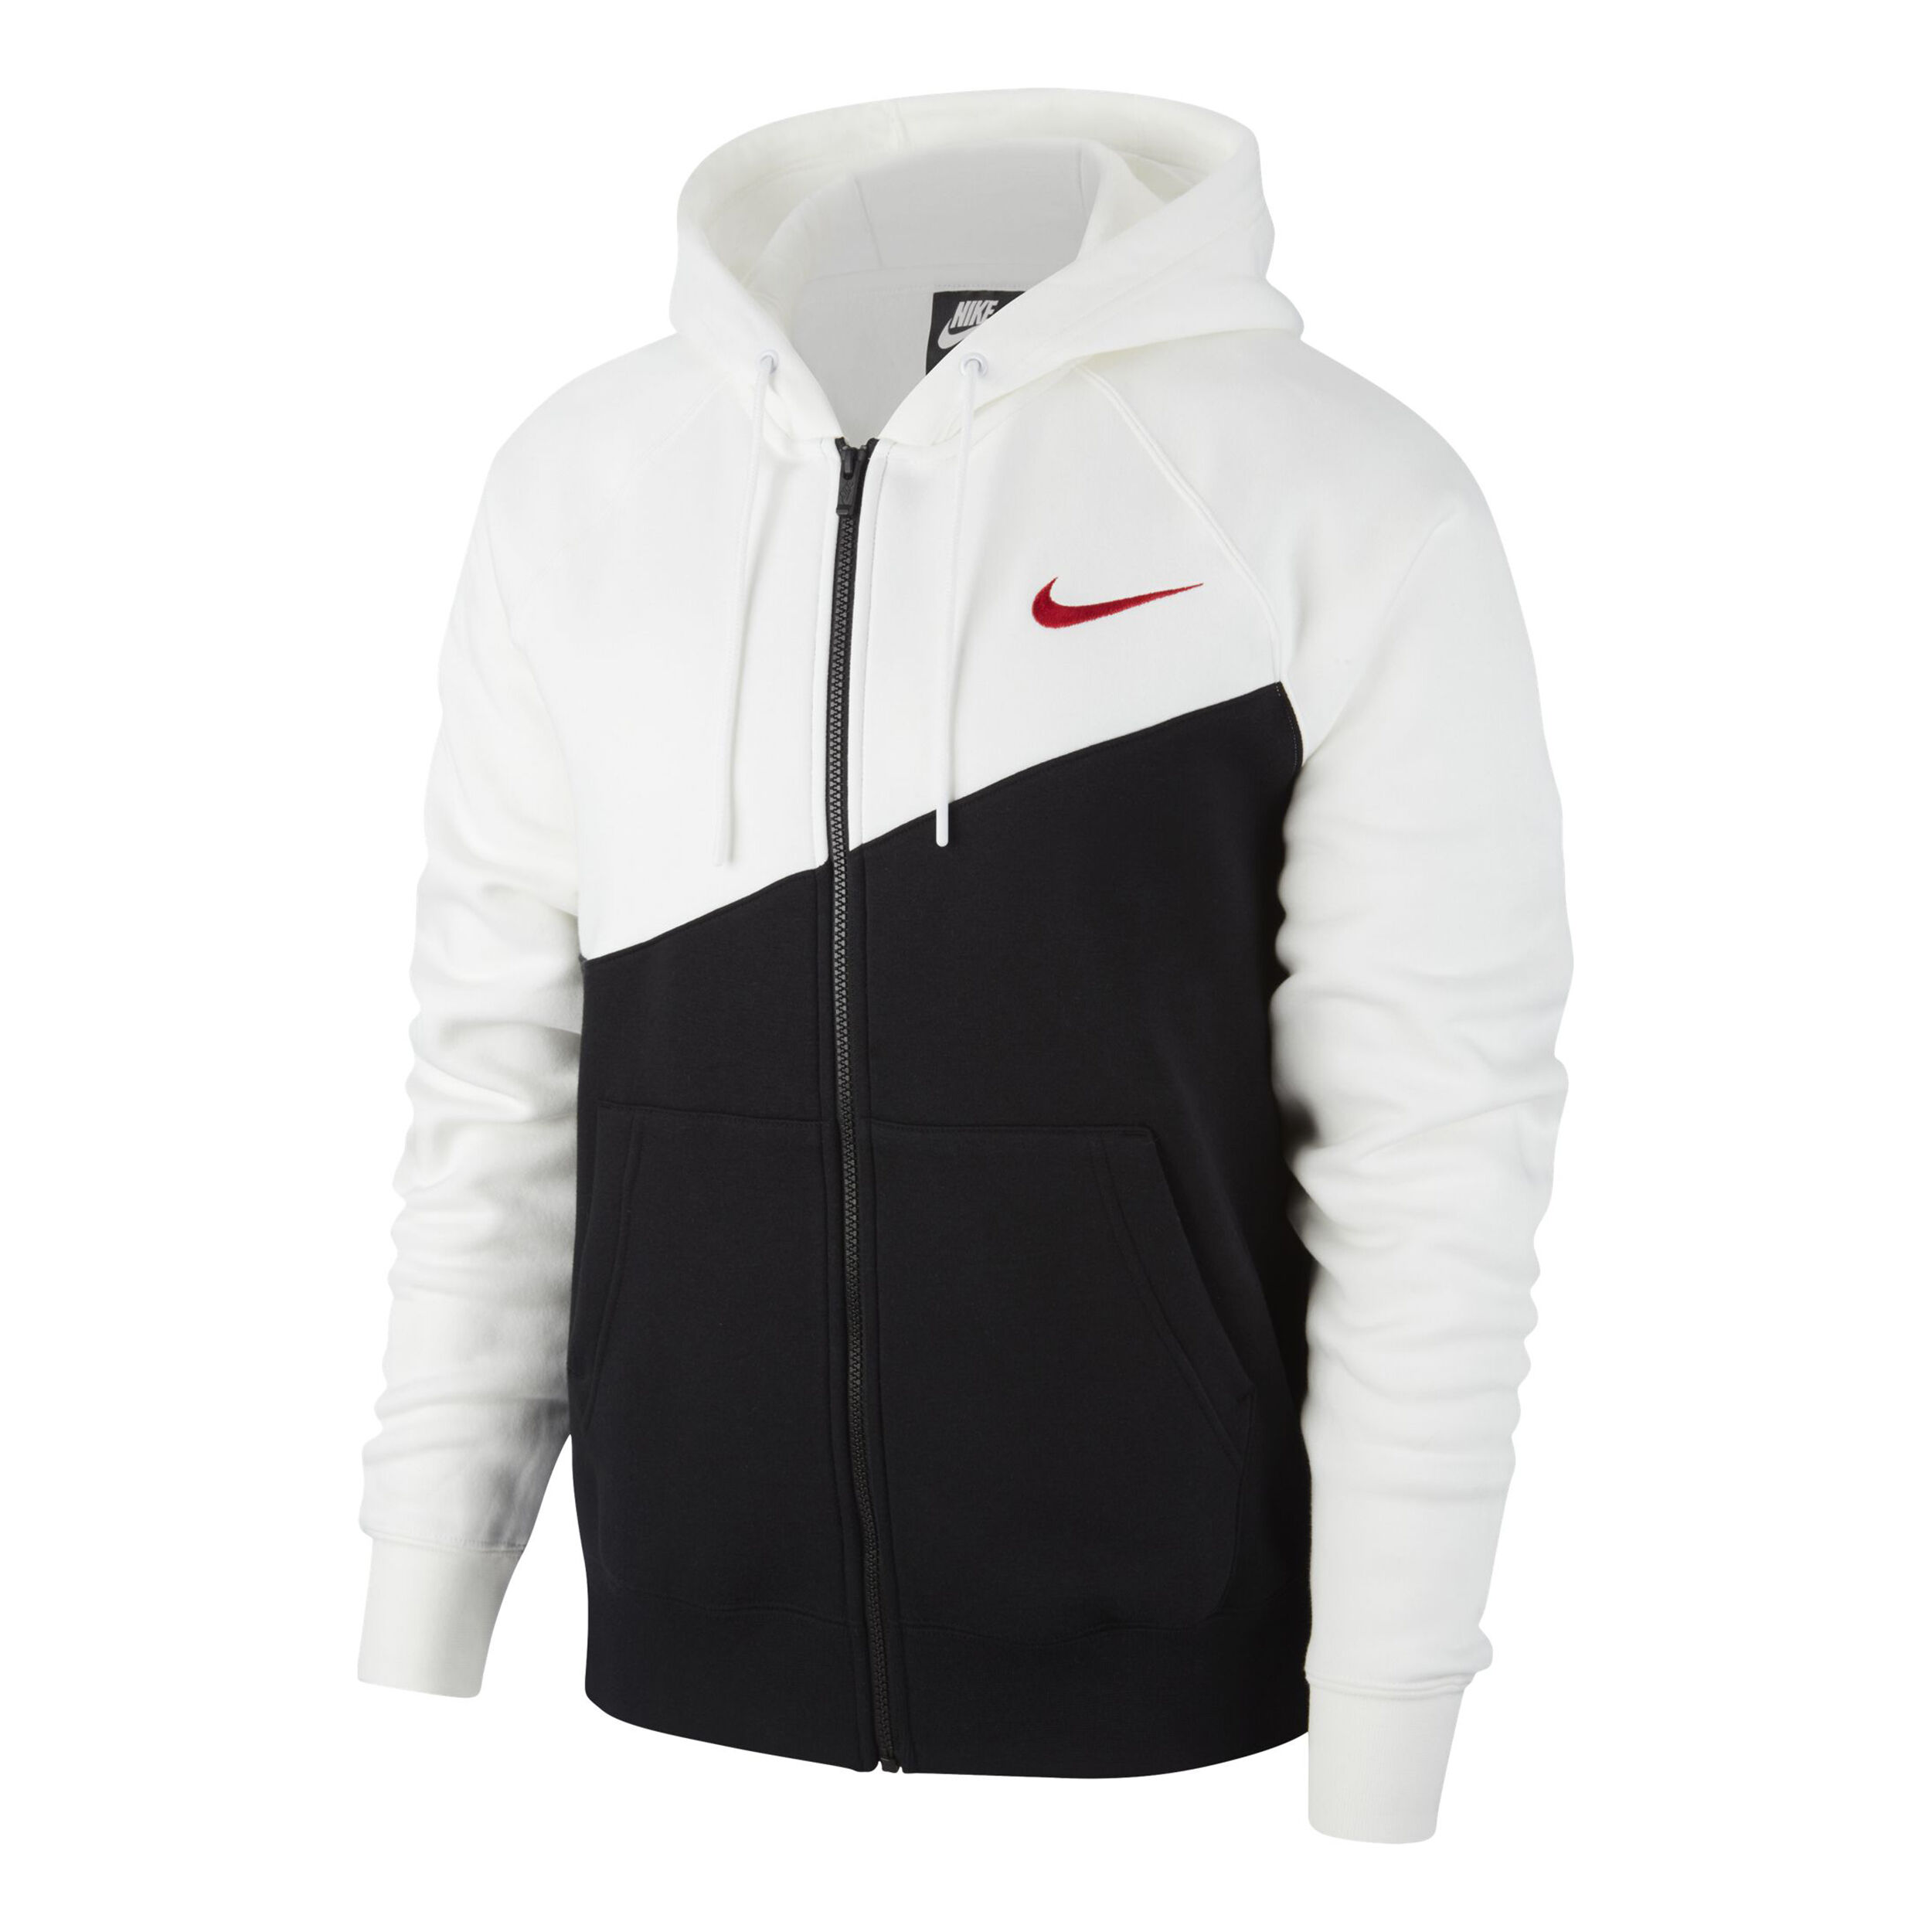 Nike Sportswear Swoosh Gilet En Coton Hommes Noir , Blanc